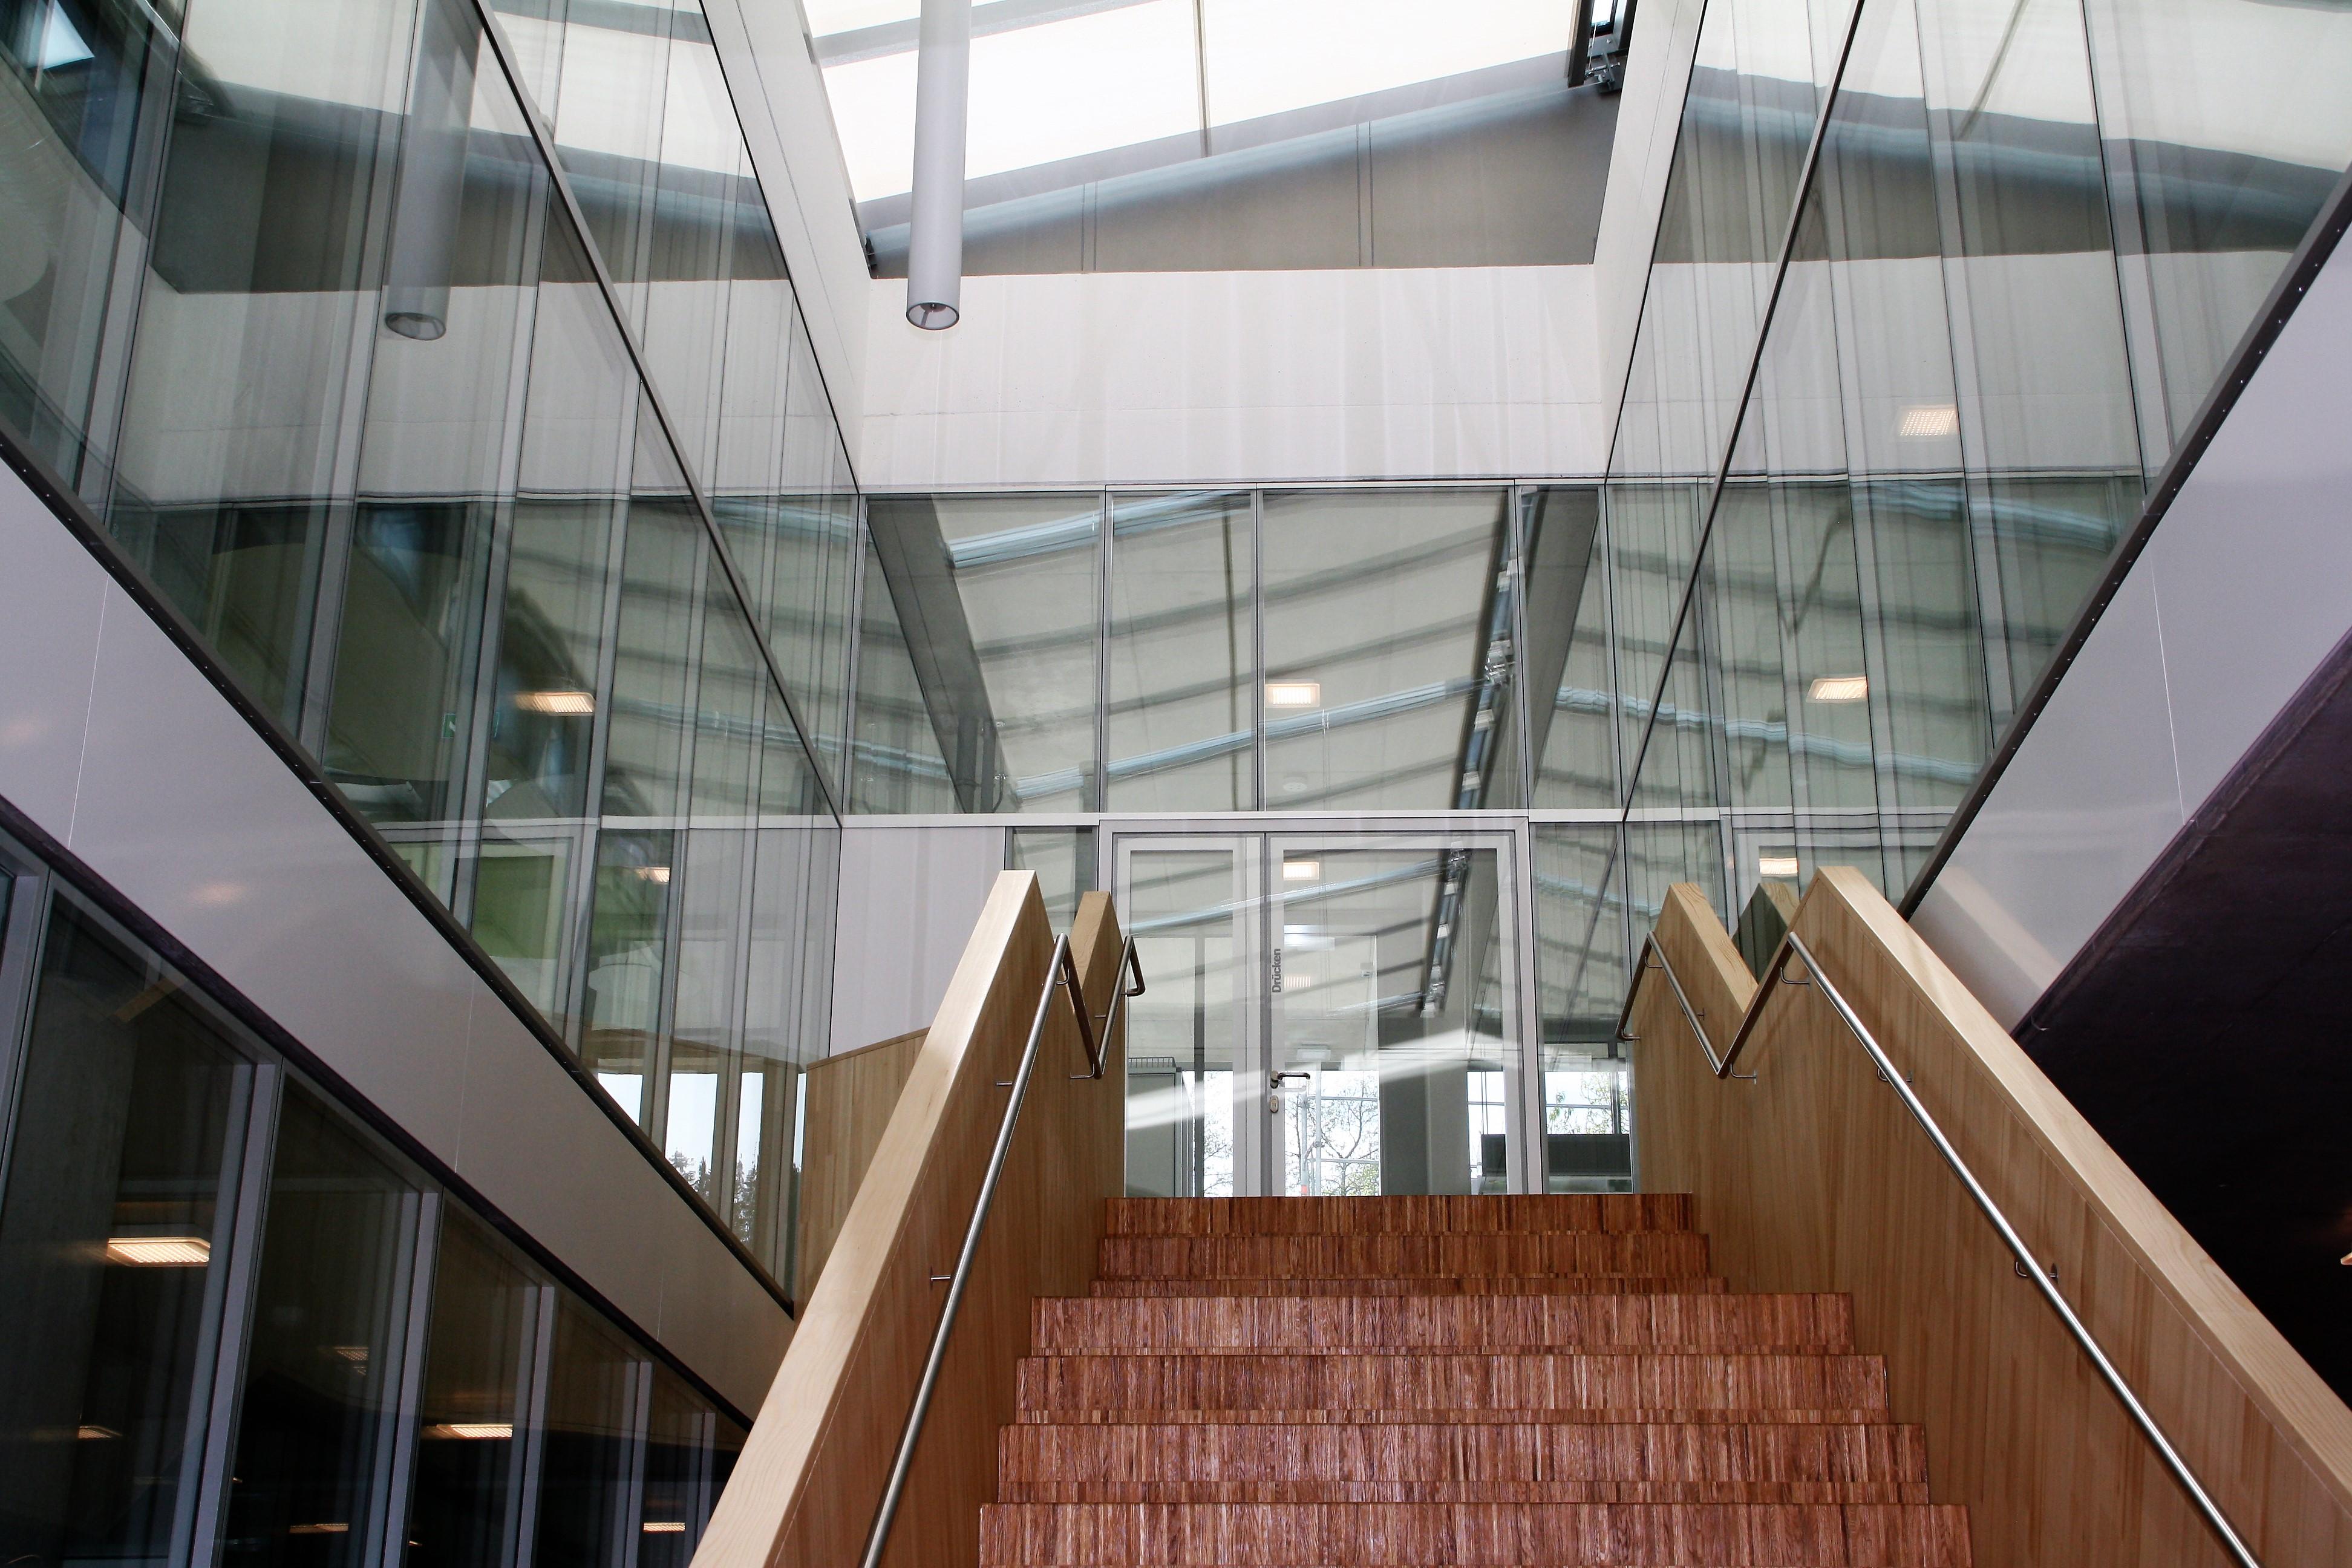 J. Schmalz GmbH in Glatten